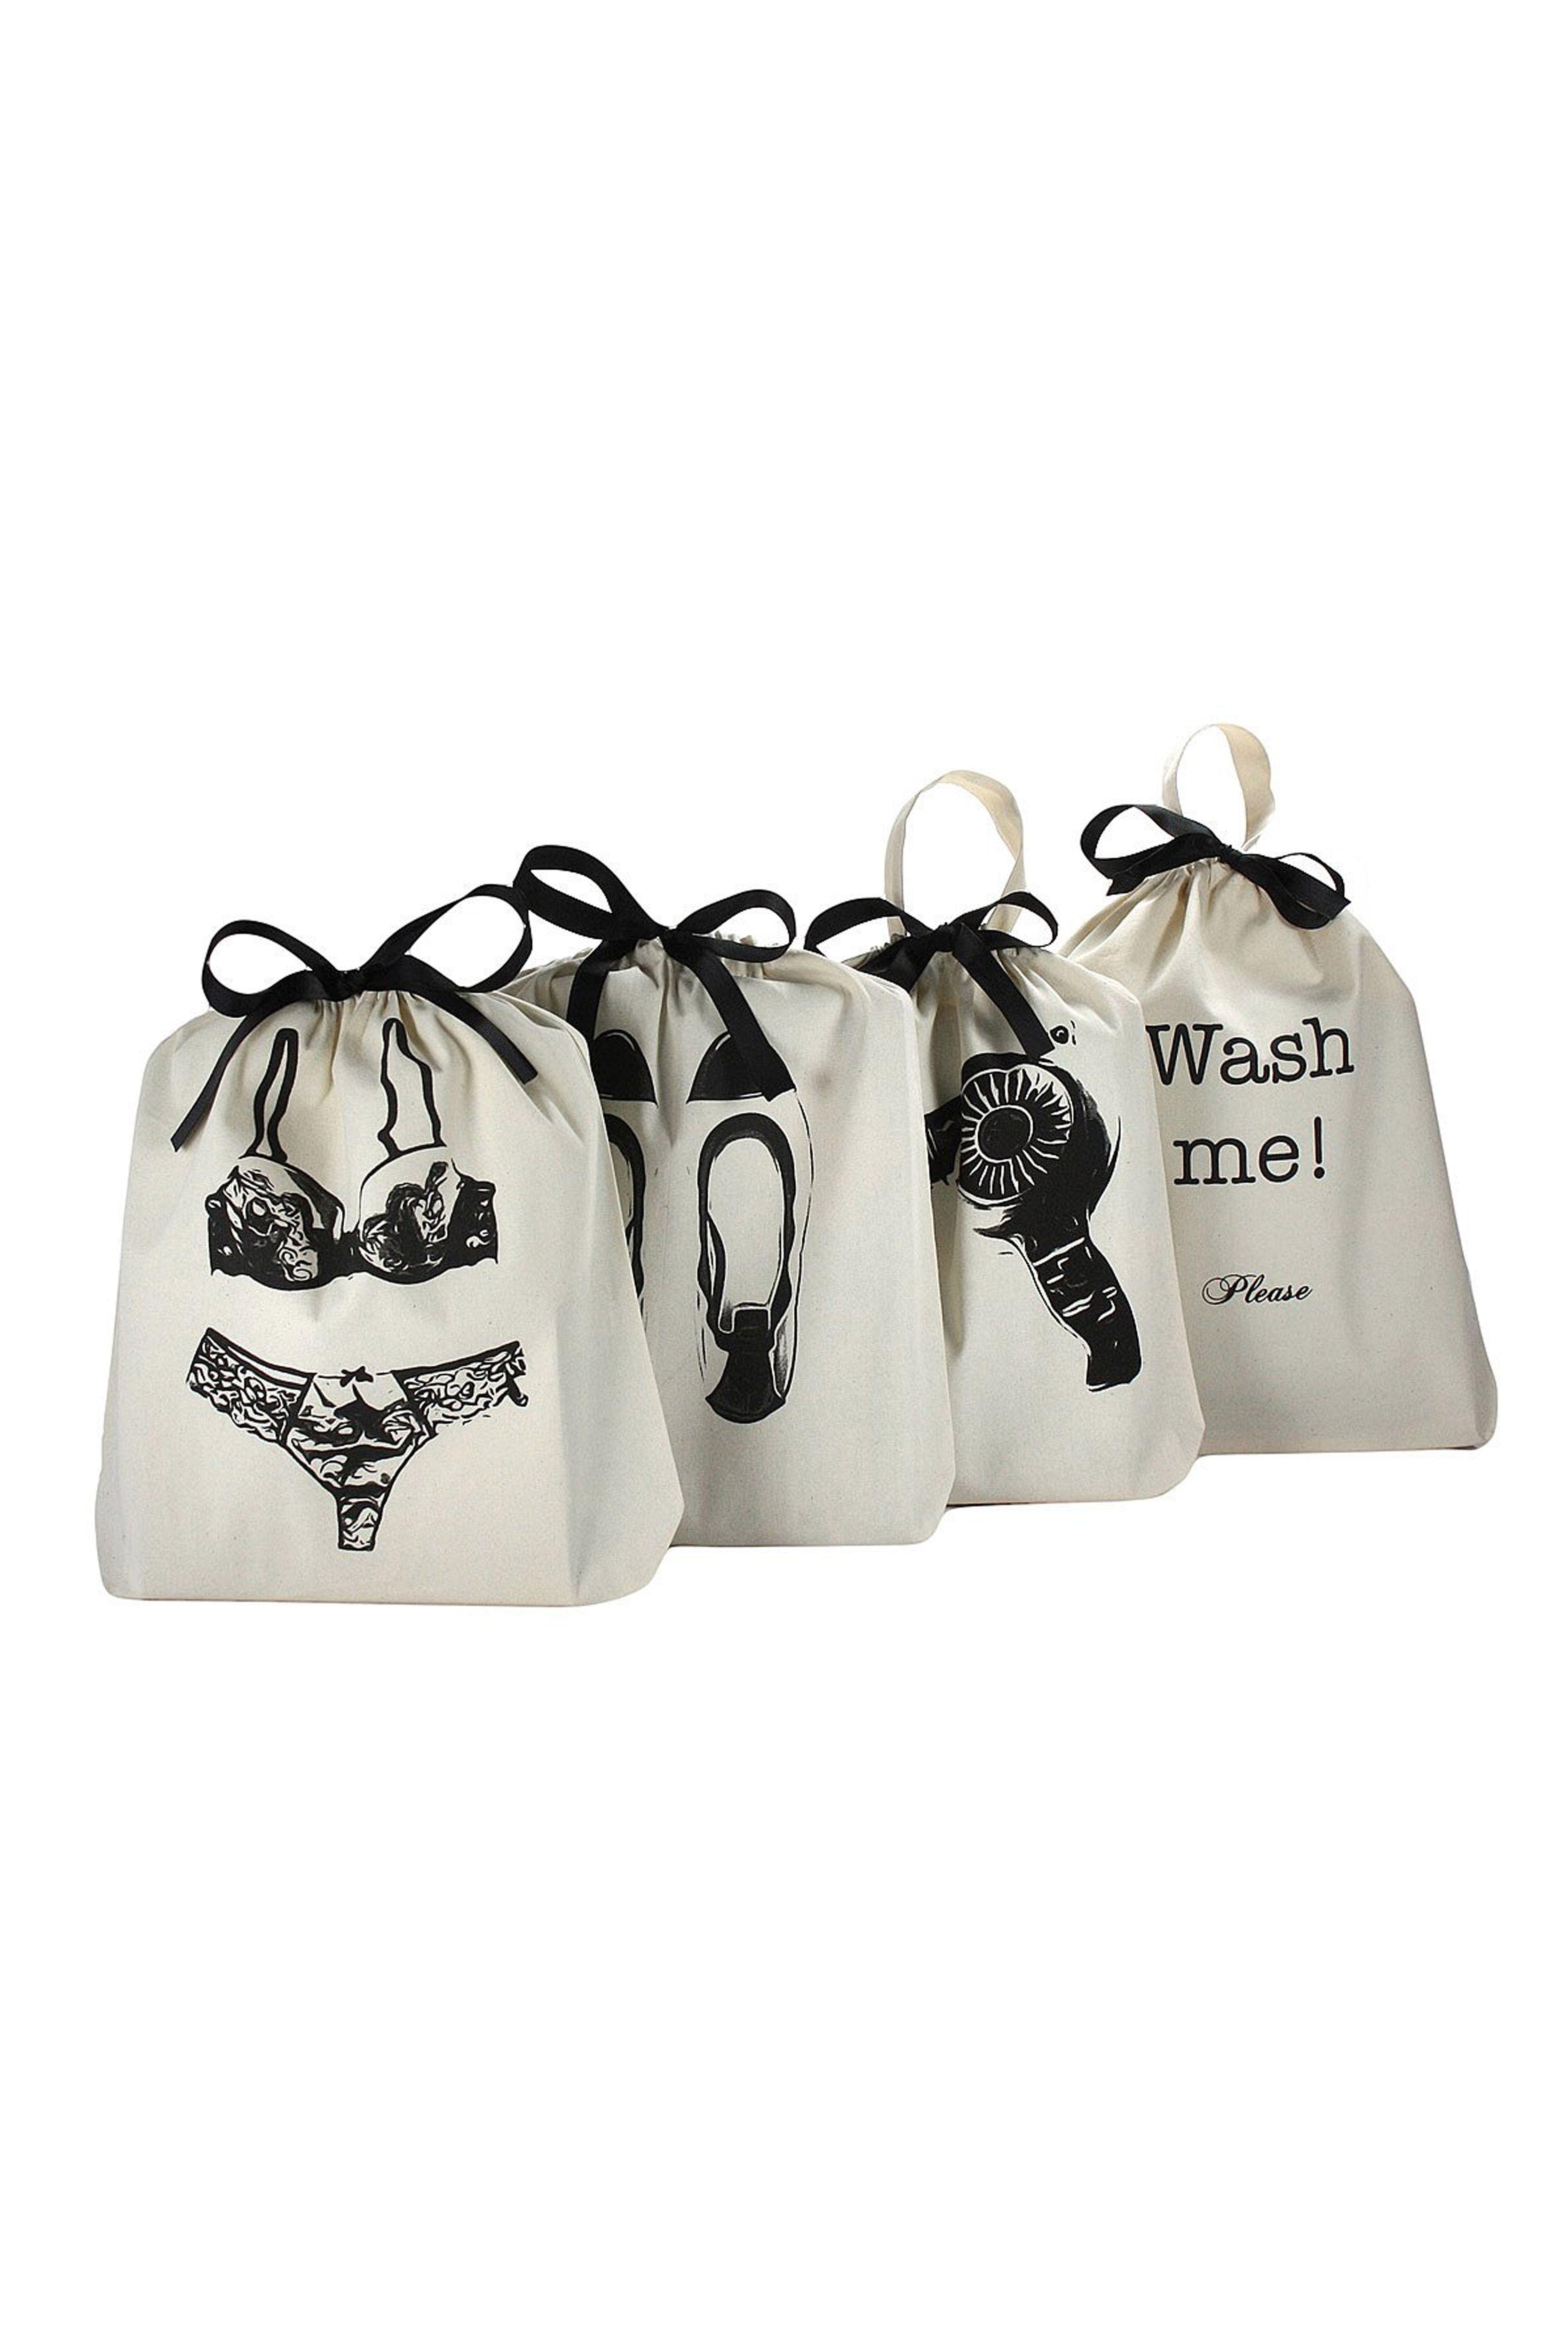 Women's Organizing Travel 4-Pack Gift Ideas For Women